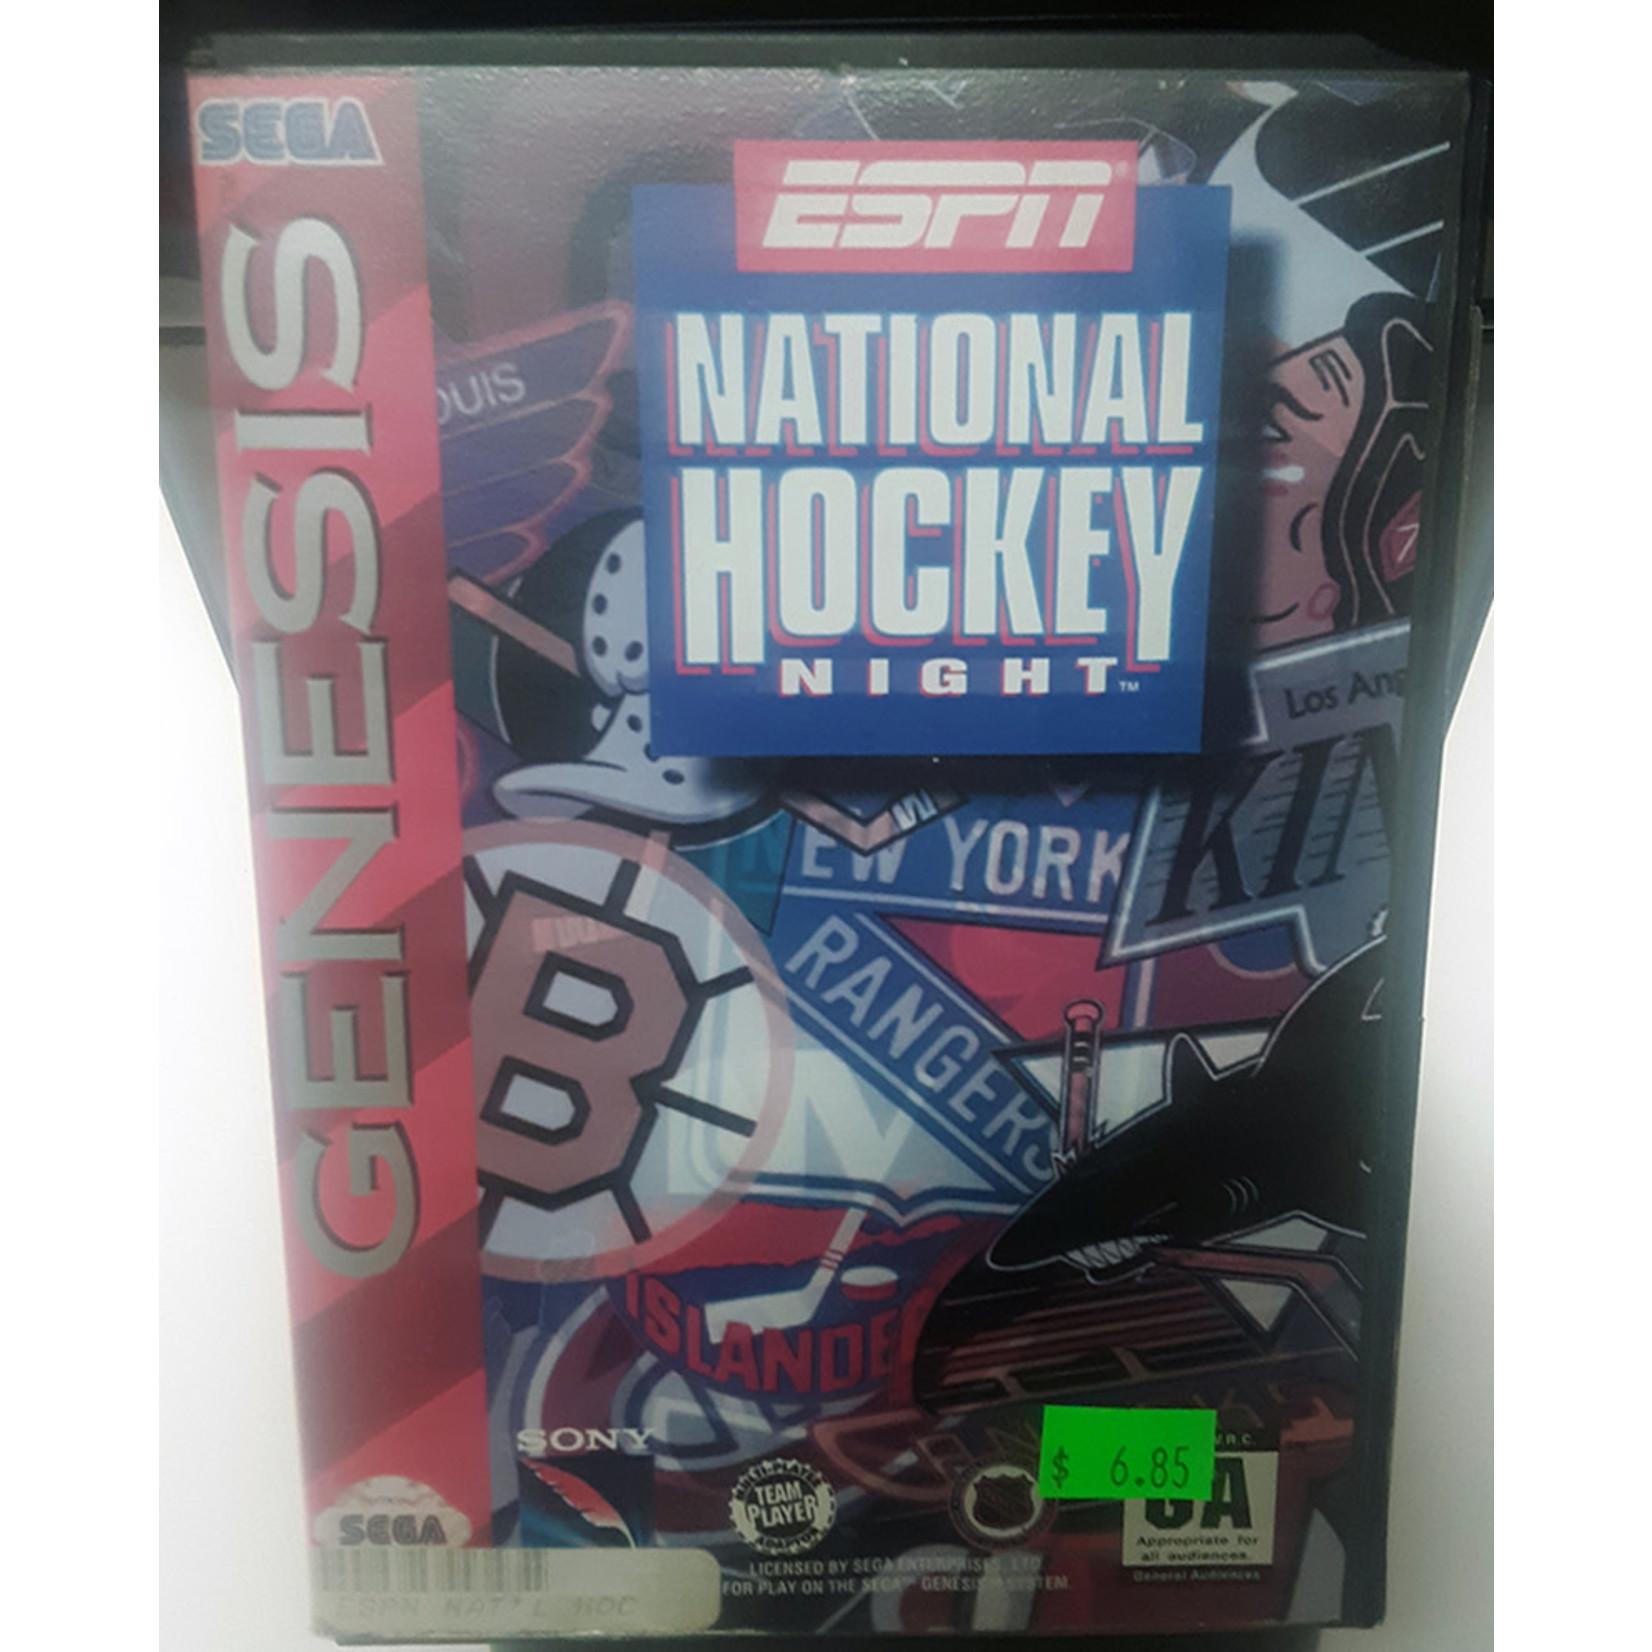 SGU-ESPN National Hockey Night (boxed)